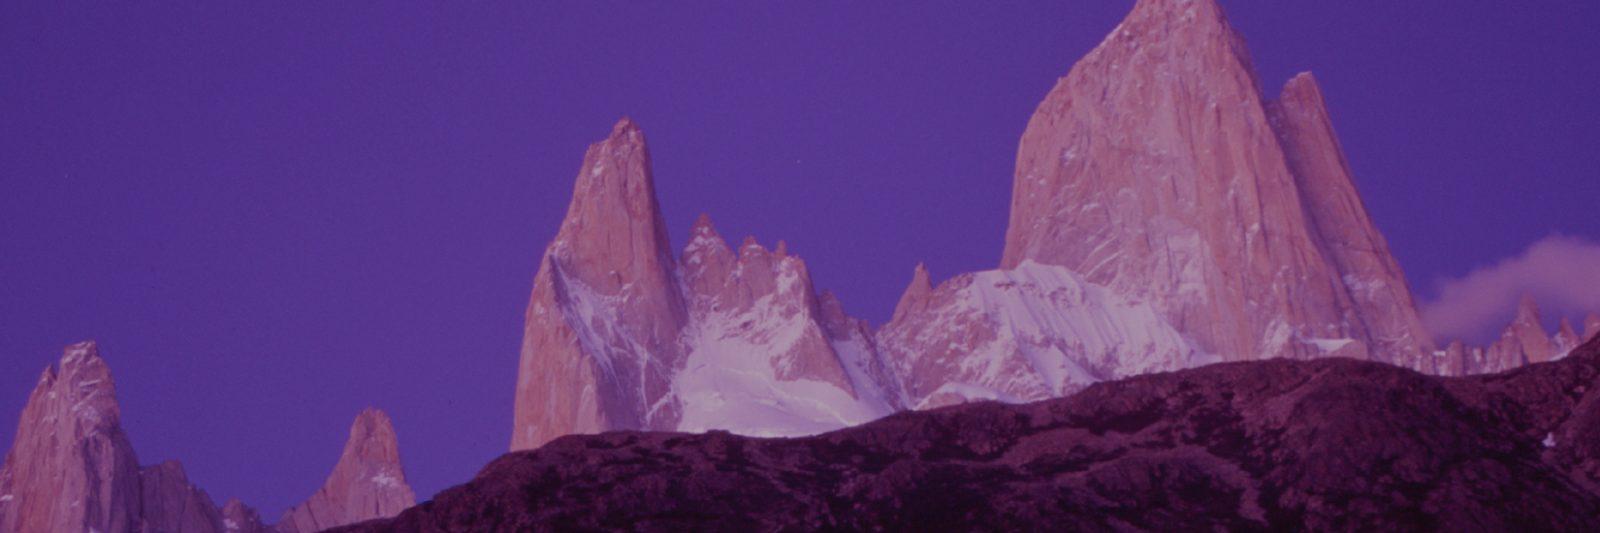 Patagonia Torres del Paine Full Circuit Fitz Roy Trek